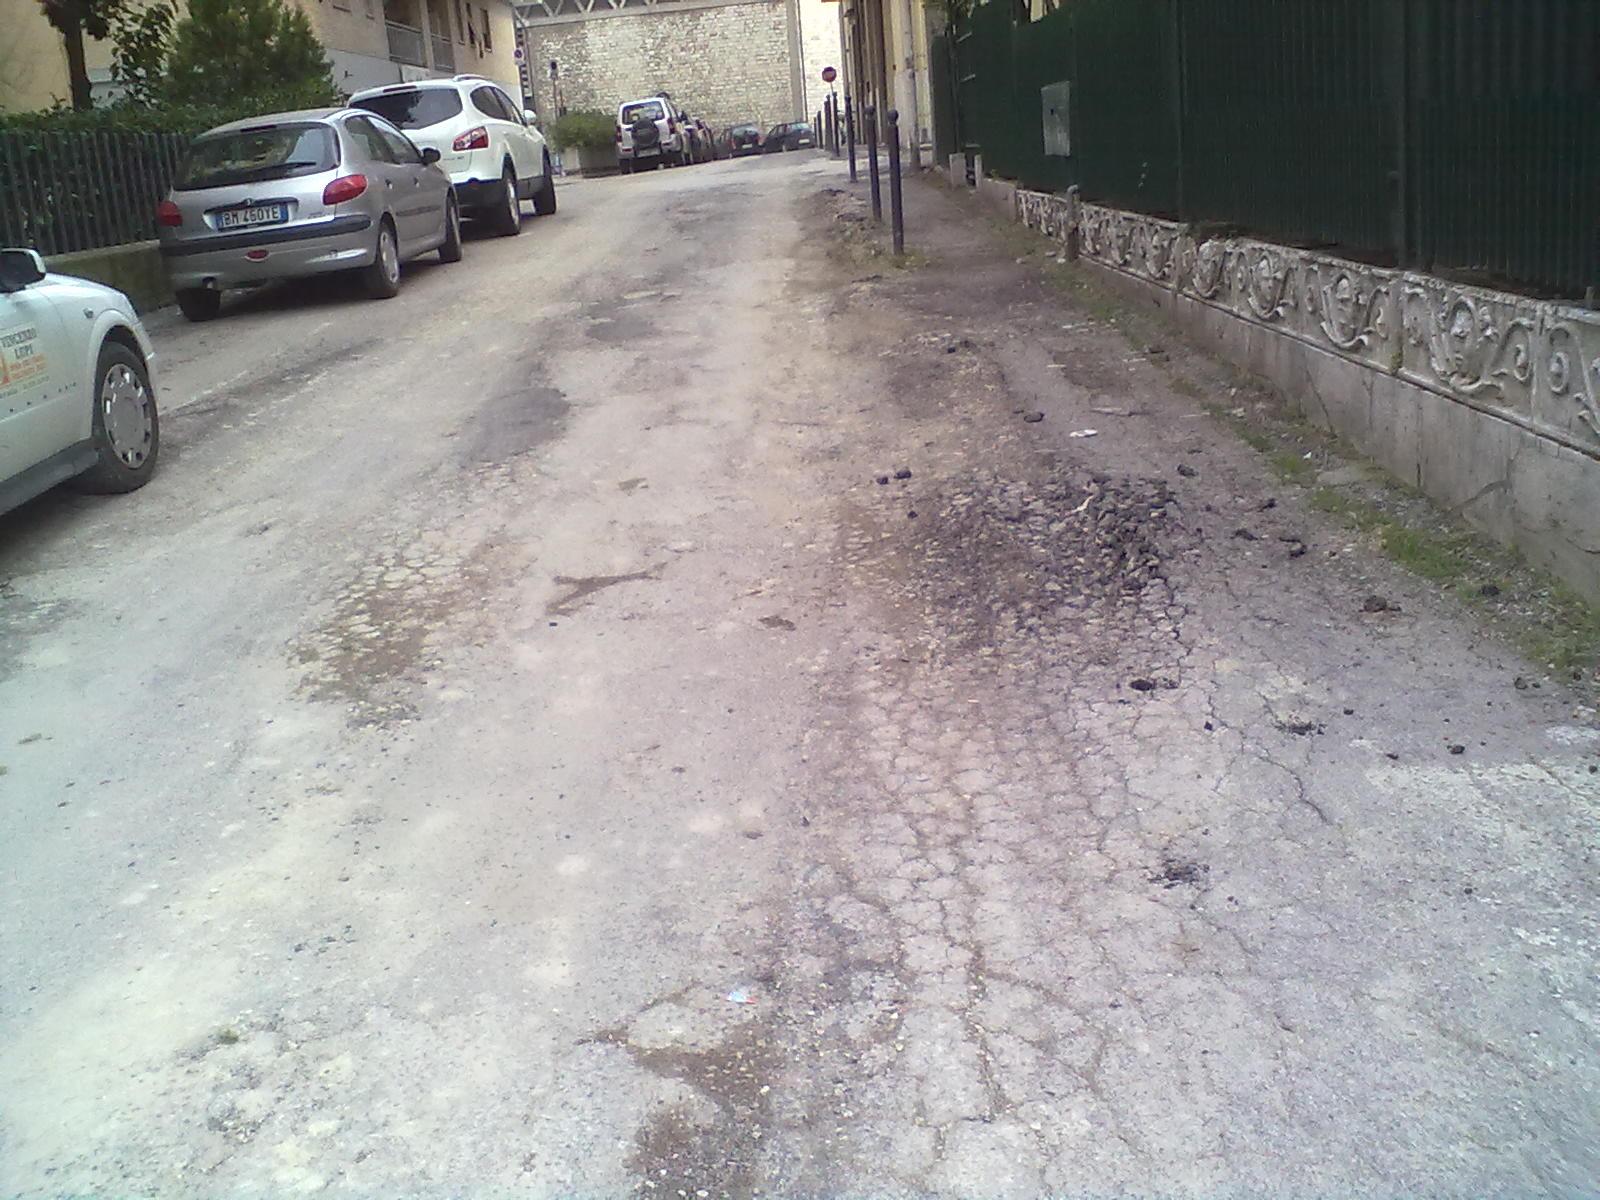 Via Montecassino 4